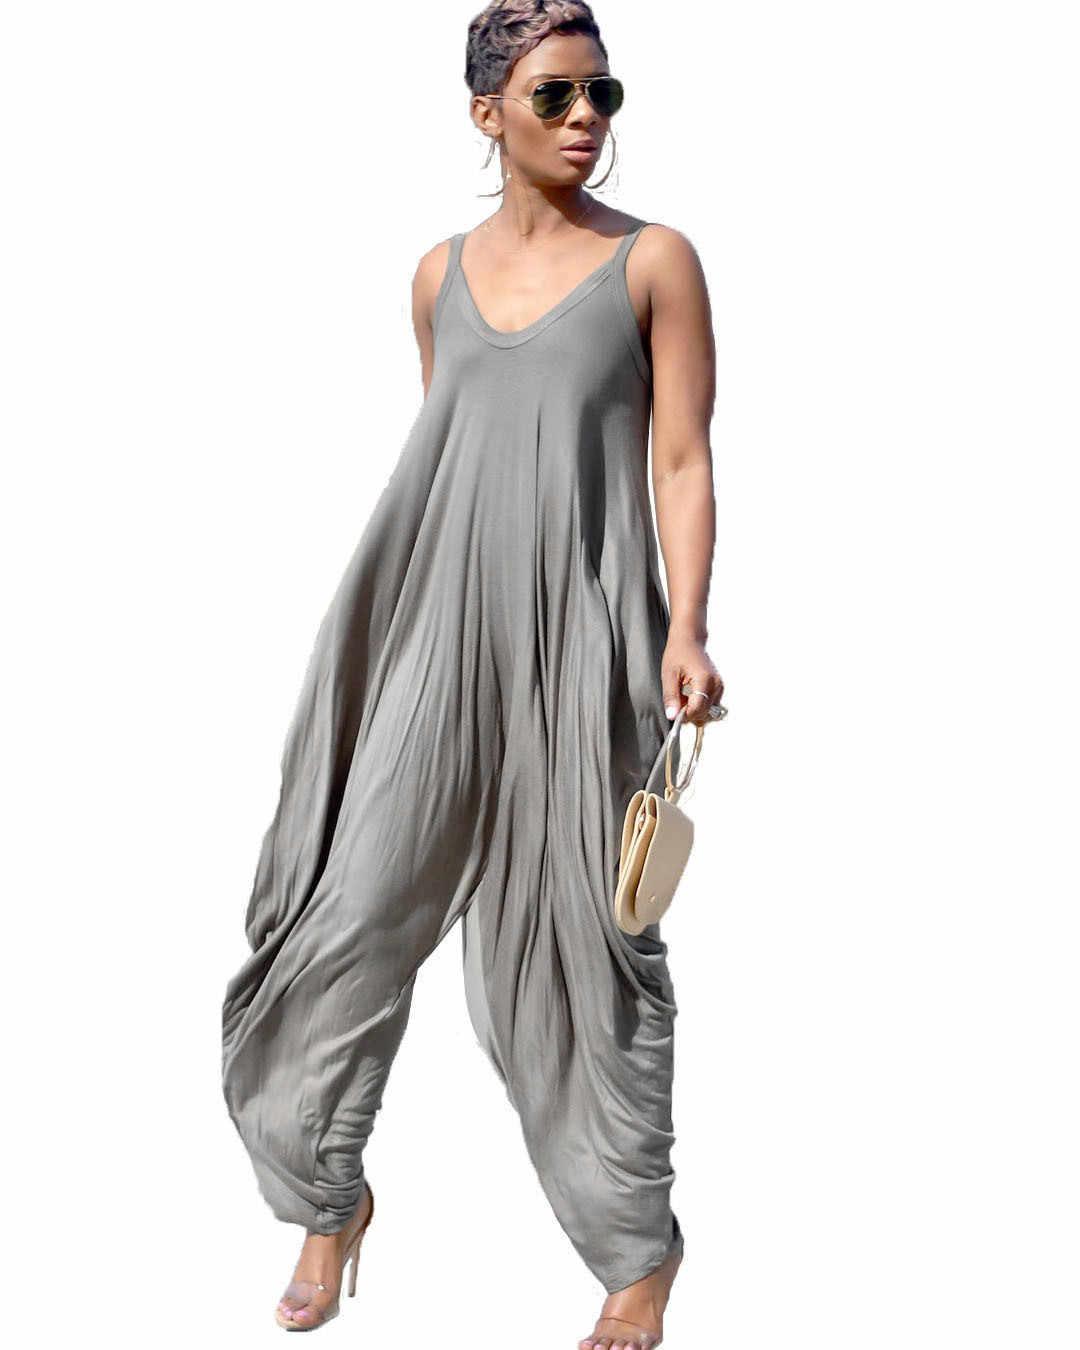 Женская одежда больших размеров дешево в Москве